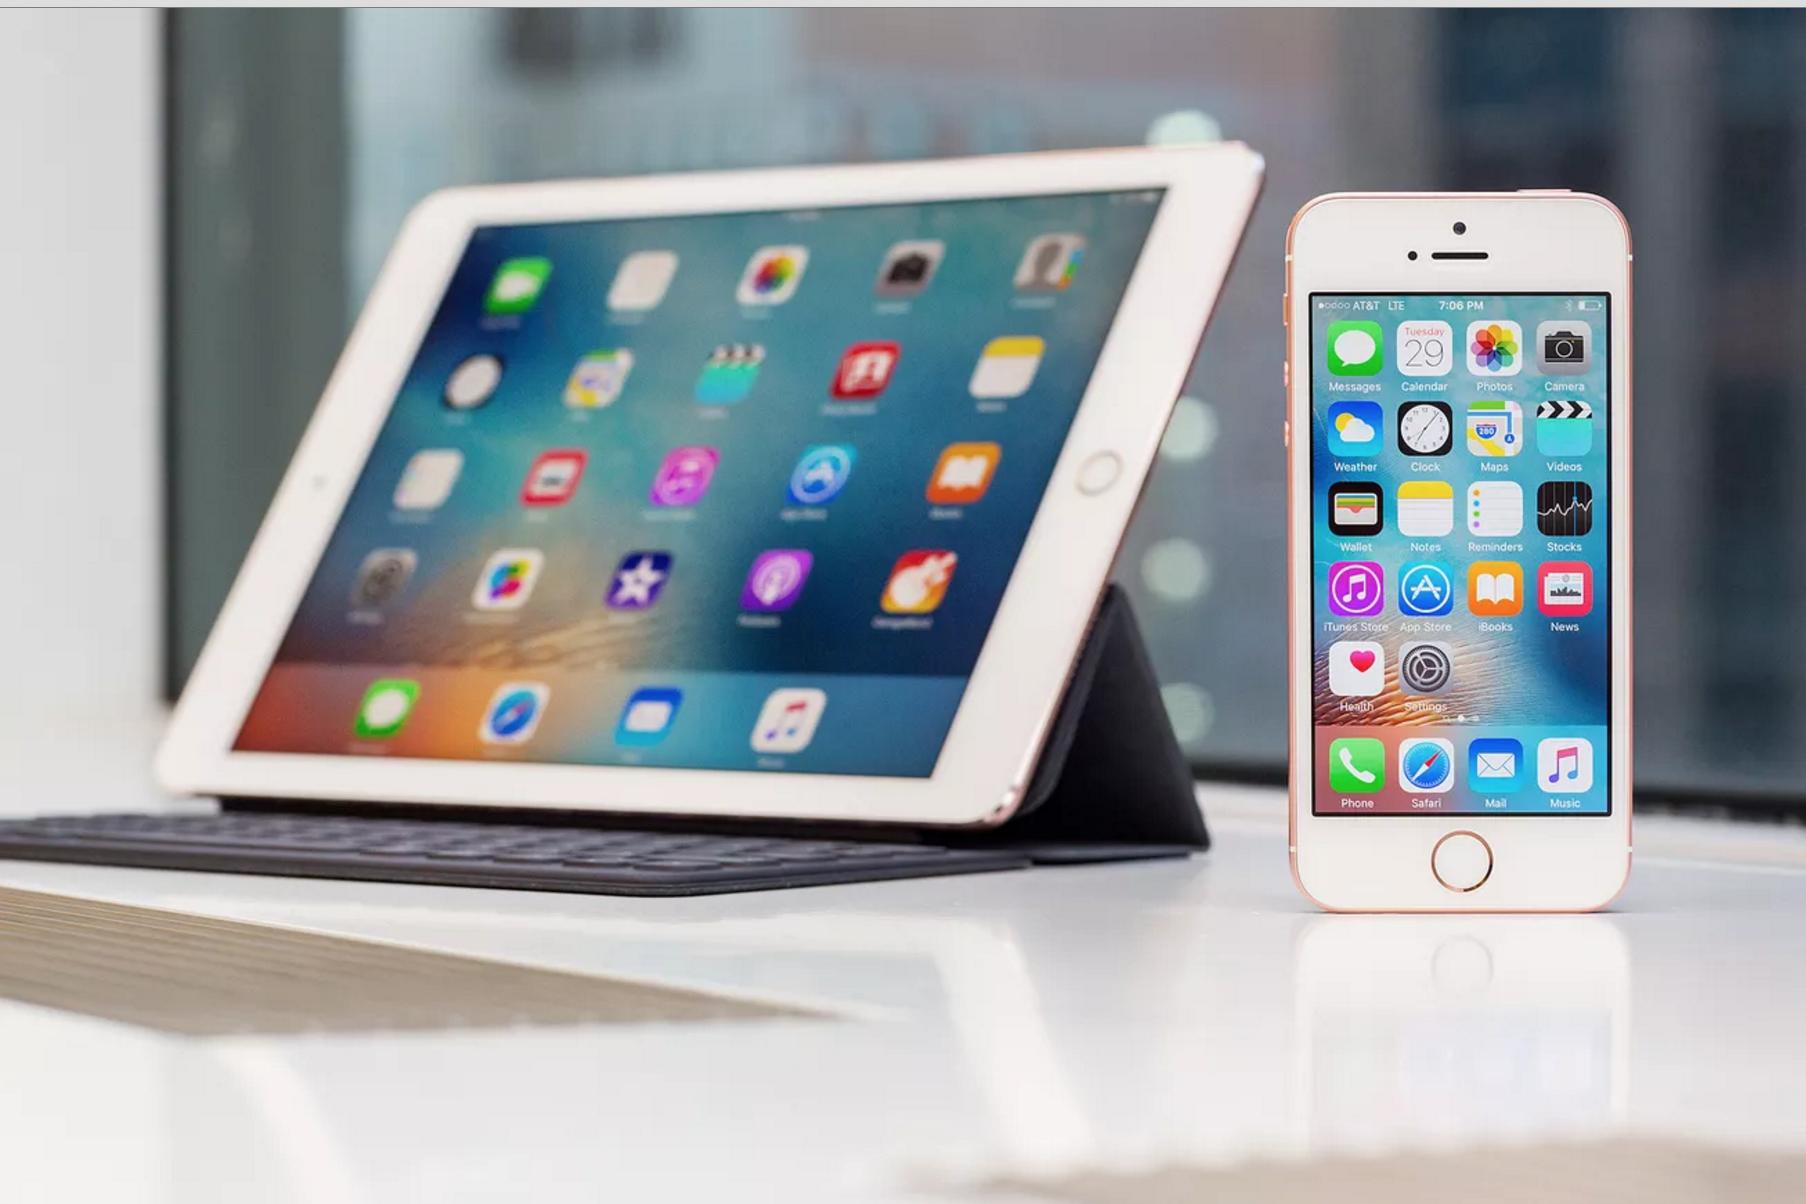 莫博士不骗人?他说这是当前最值得购买的iPad的照片 - 5